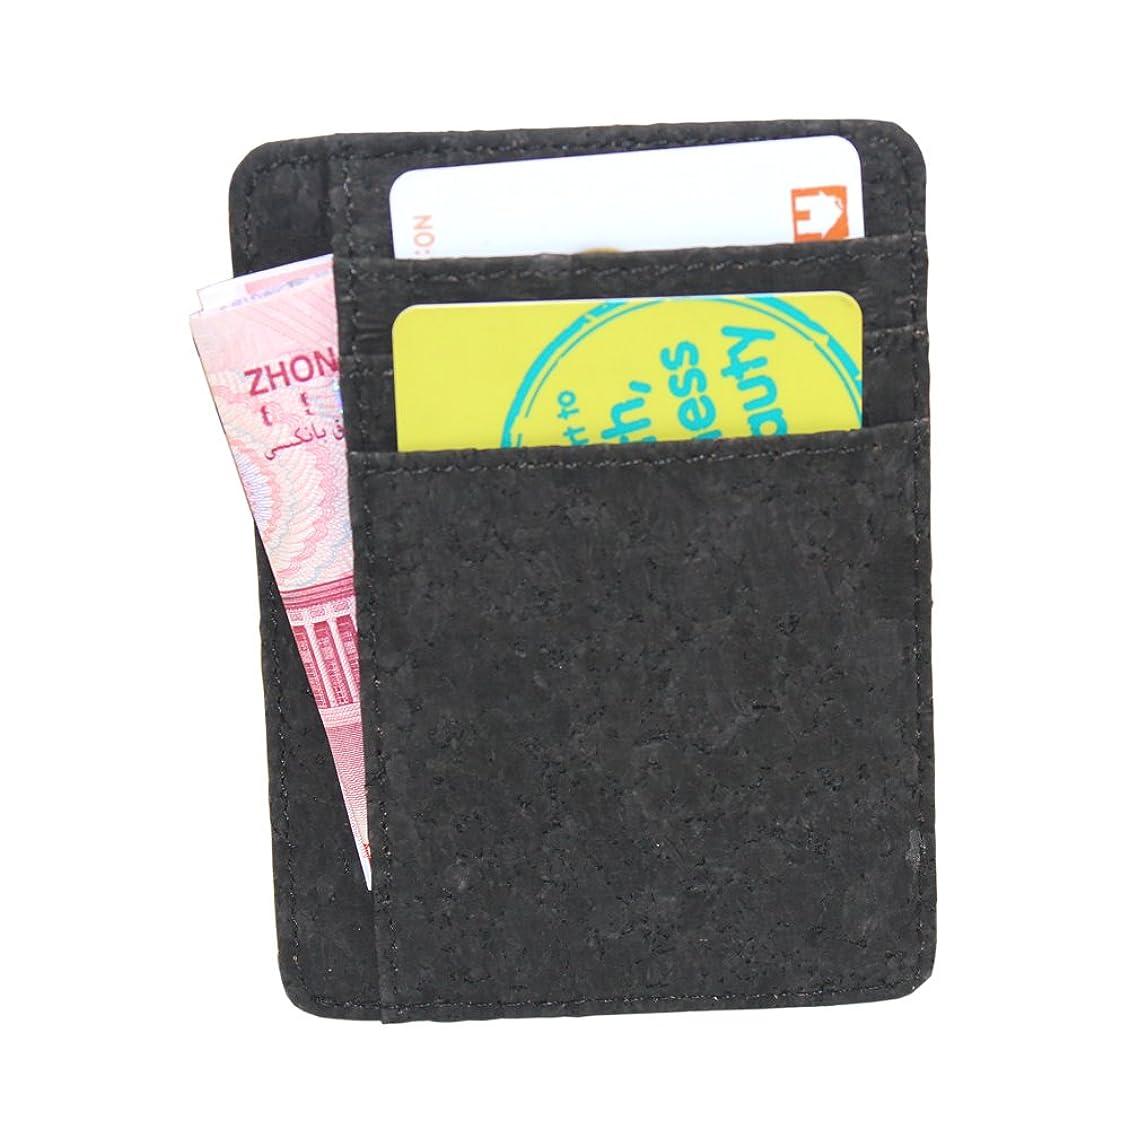 明確に入場セッティング[boshiho] カードケース コルク 小銭入れ お札入れ エコ製品 ビジネス便利 黒